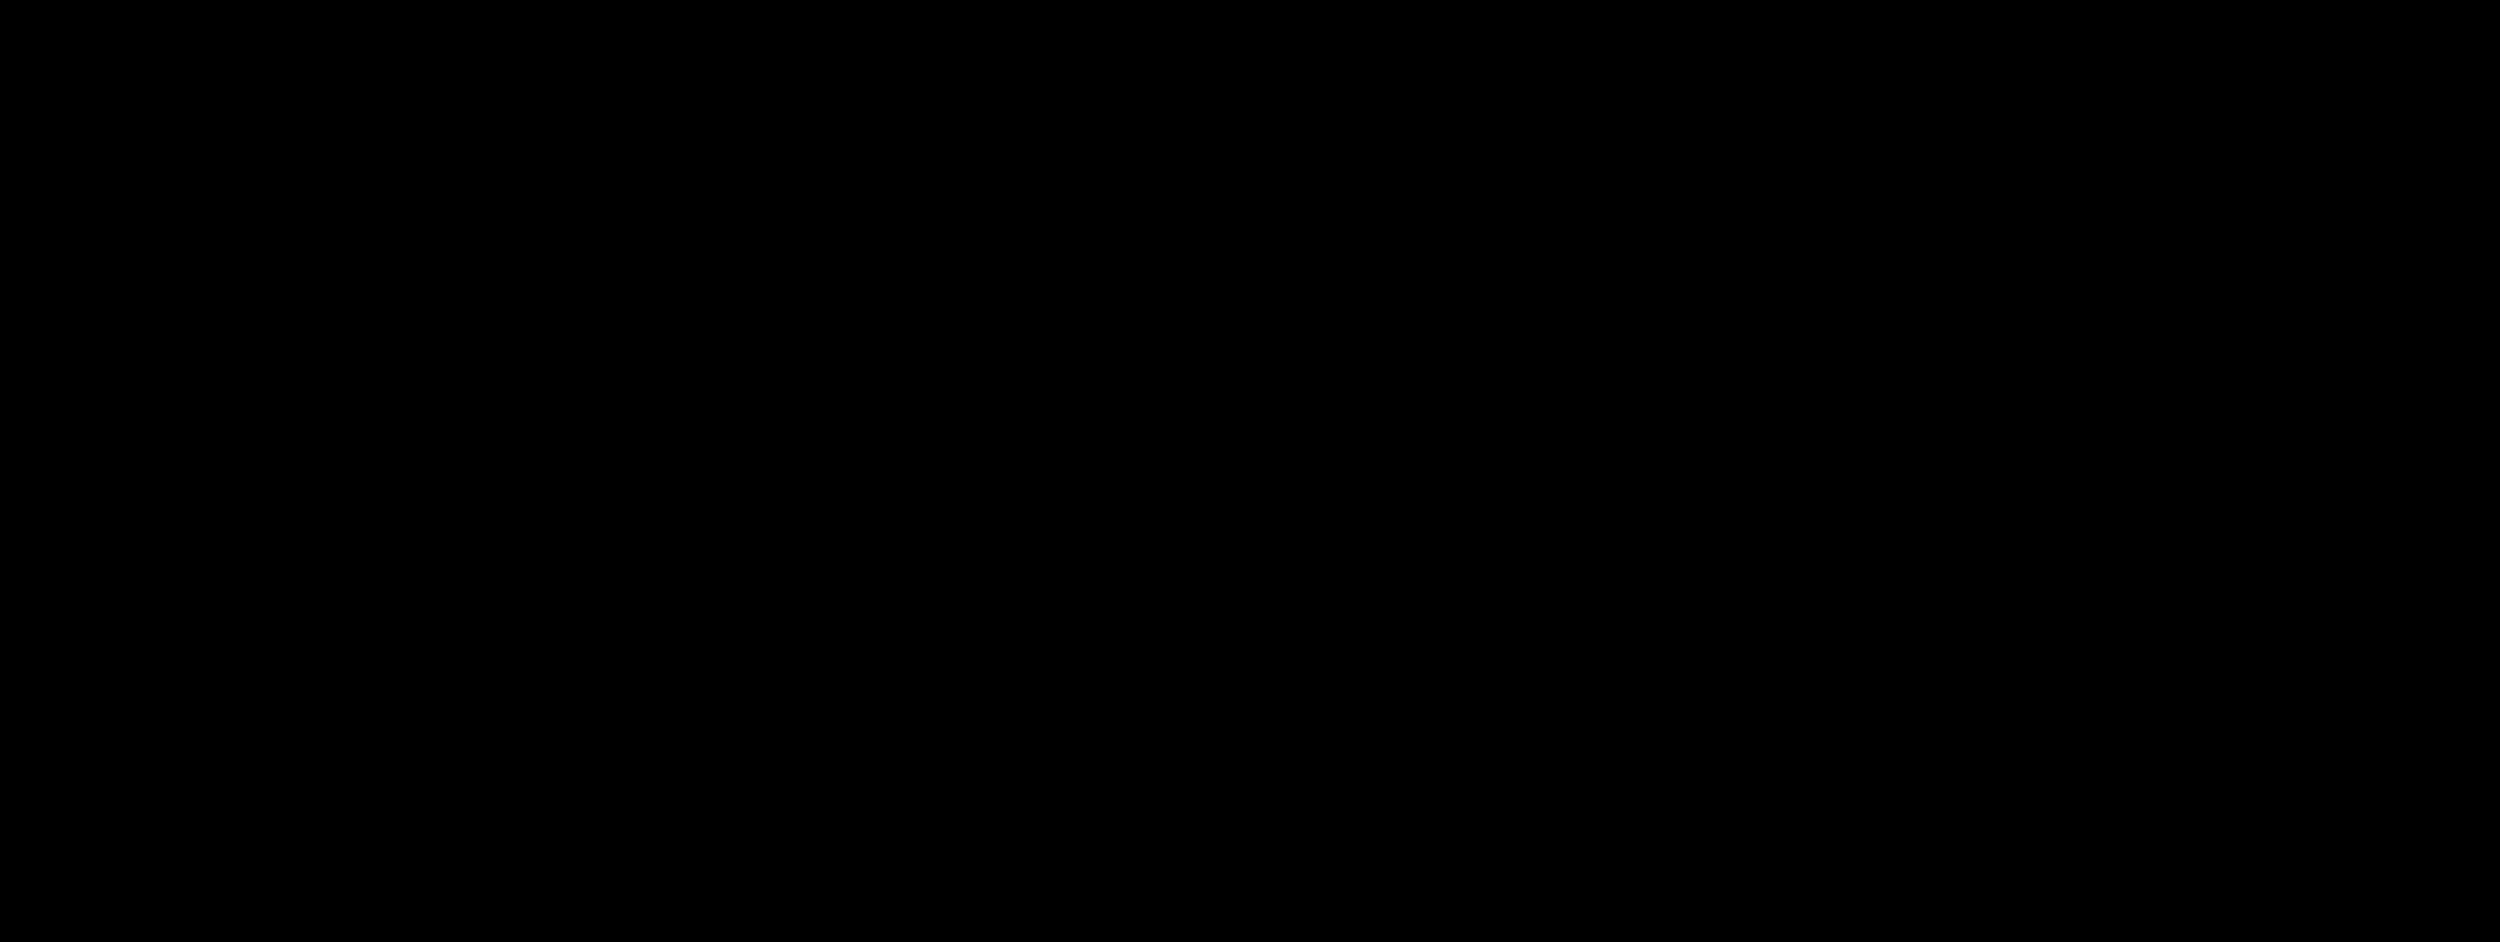 Trek_logo_black.png